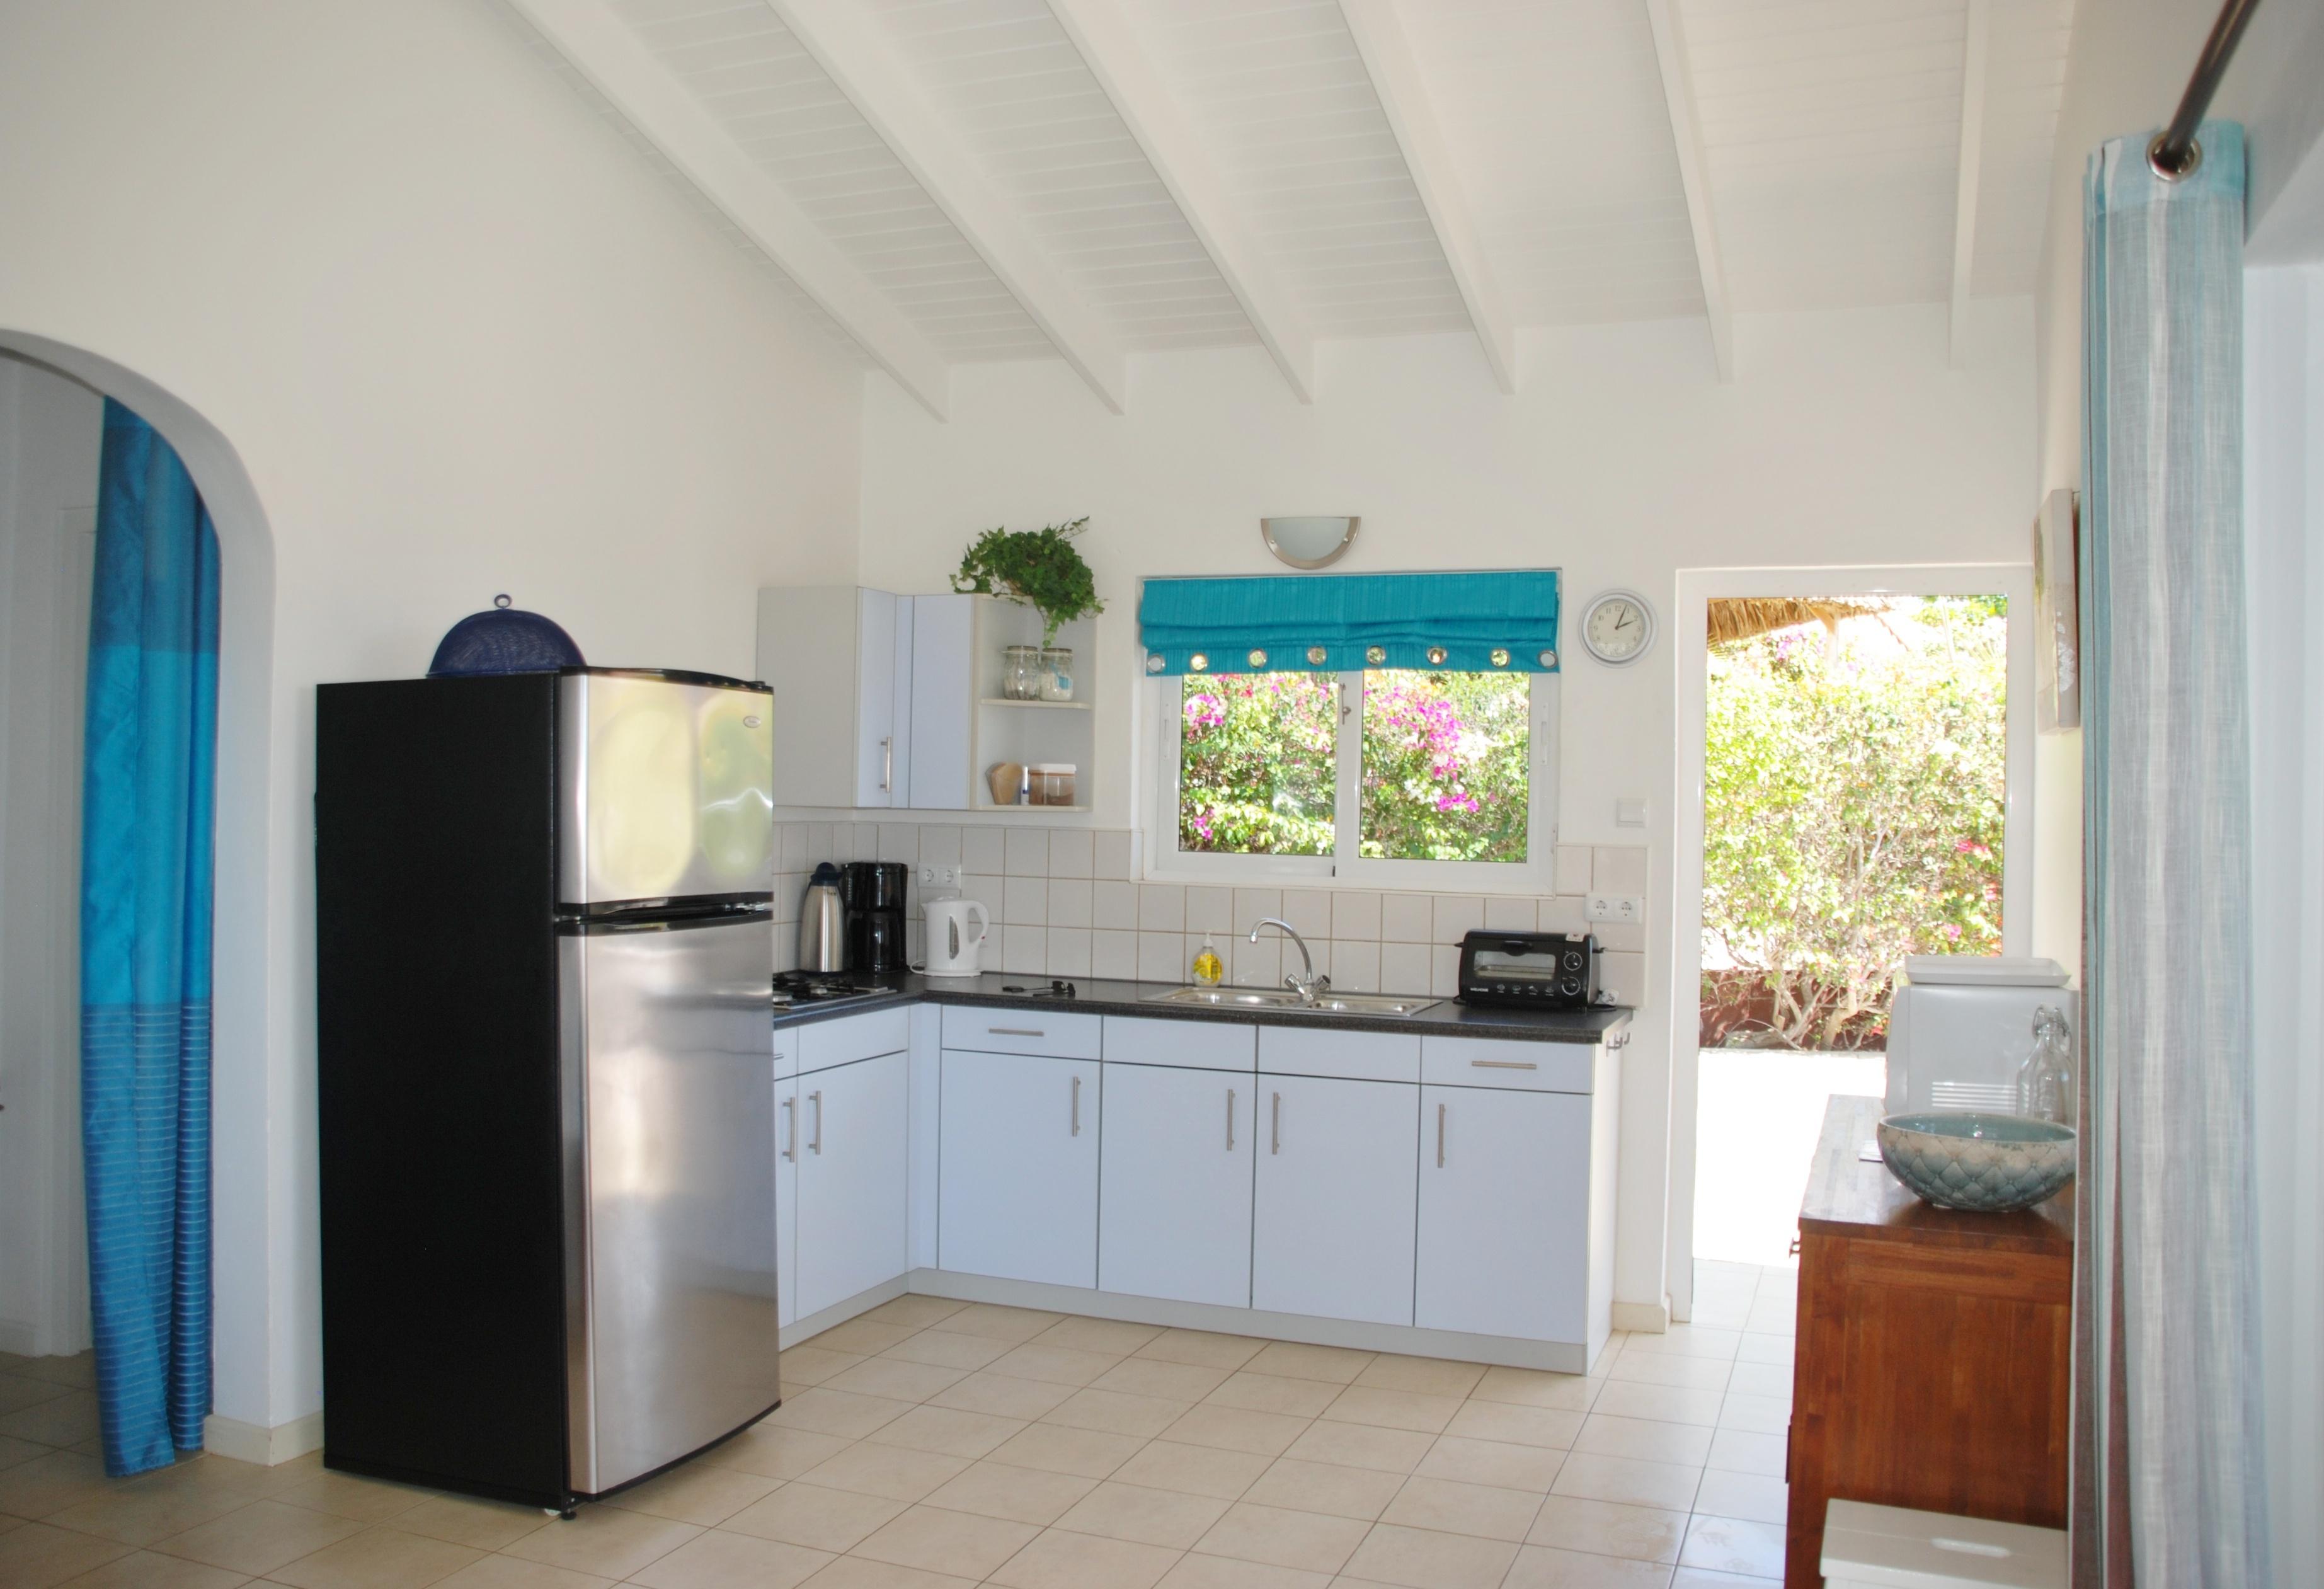 ferienhaus tonnys haus eine g nstige unterkunft auf curacao. Black Bedroom Furniture Sets. Home Design Ideas